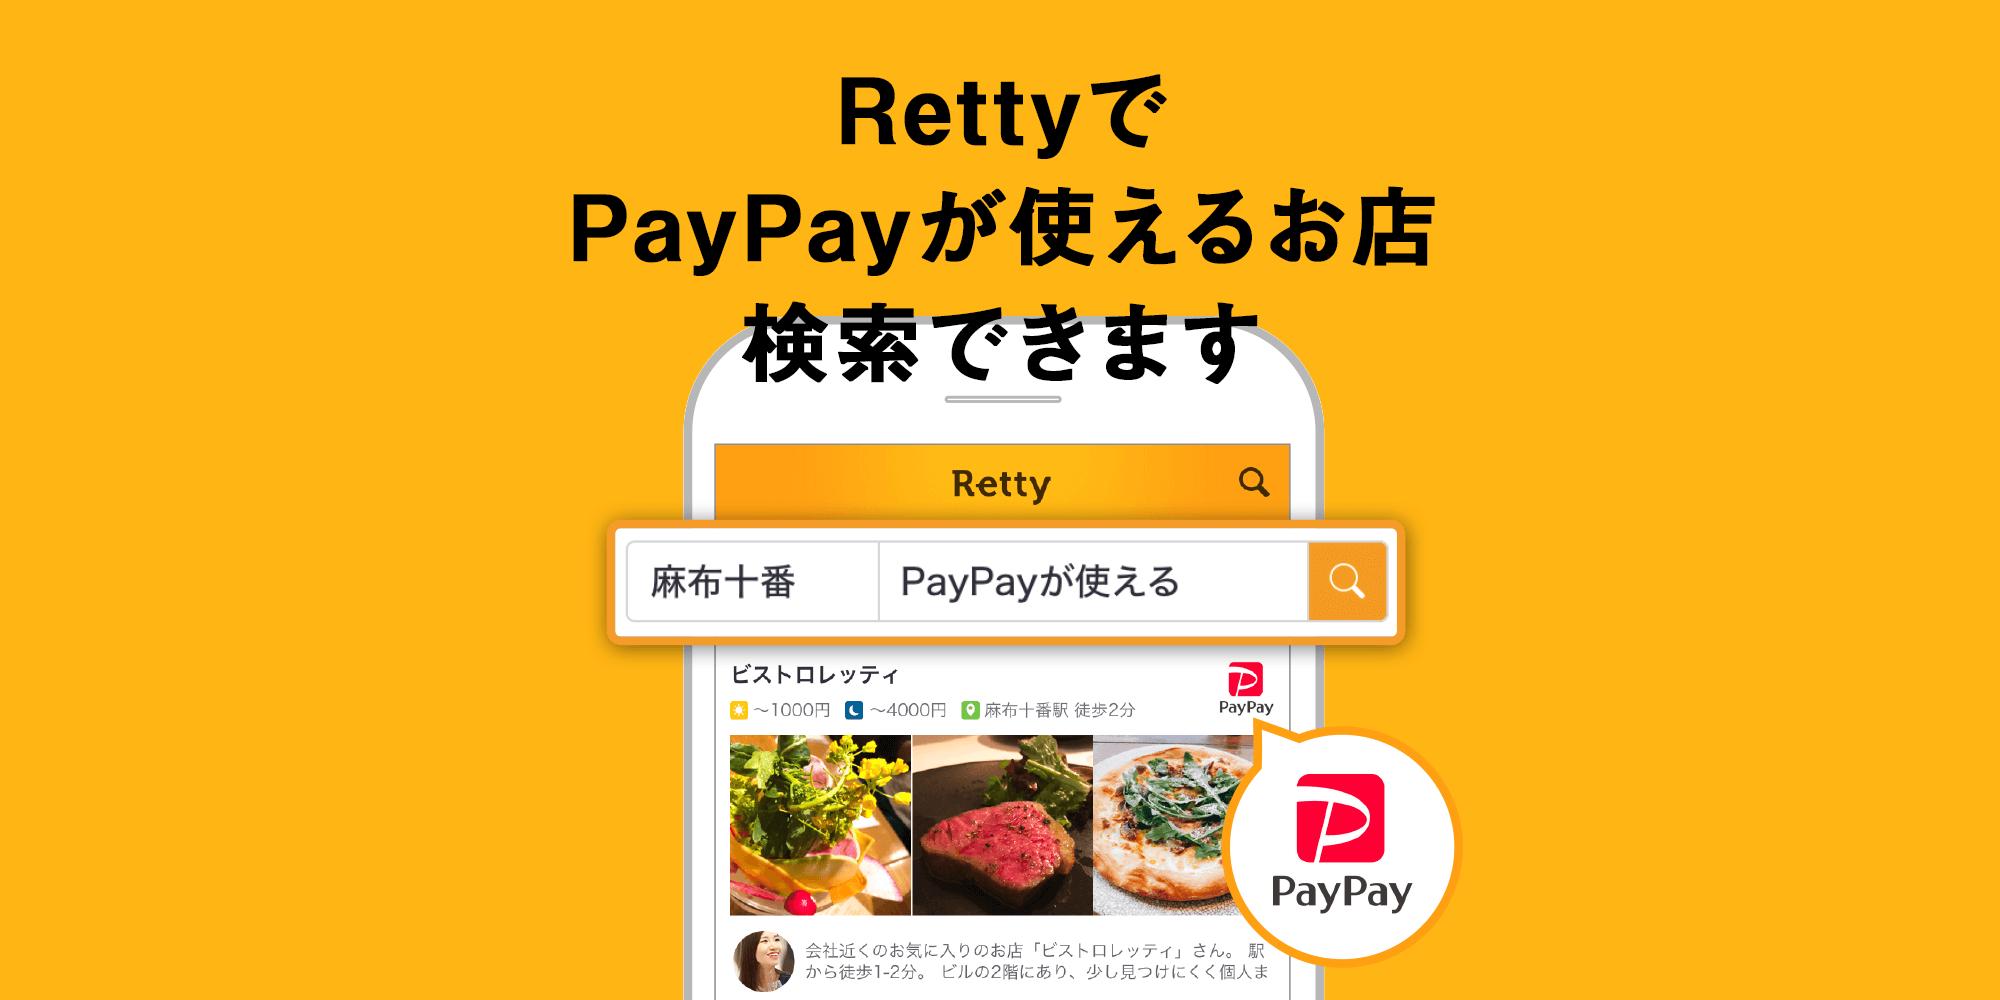 RettyでPayPayが使えるお店 検索できます